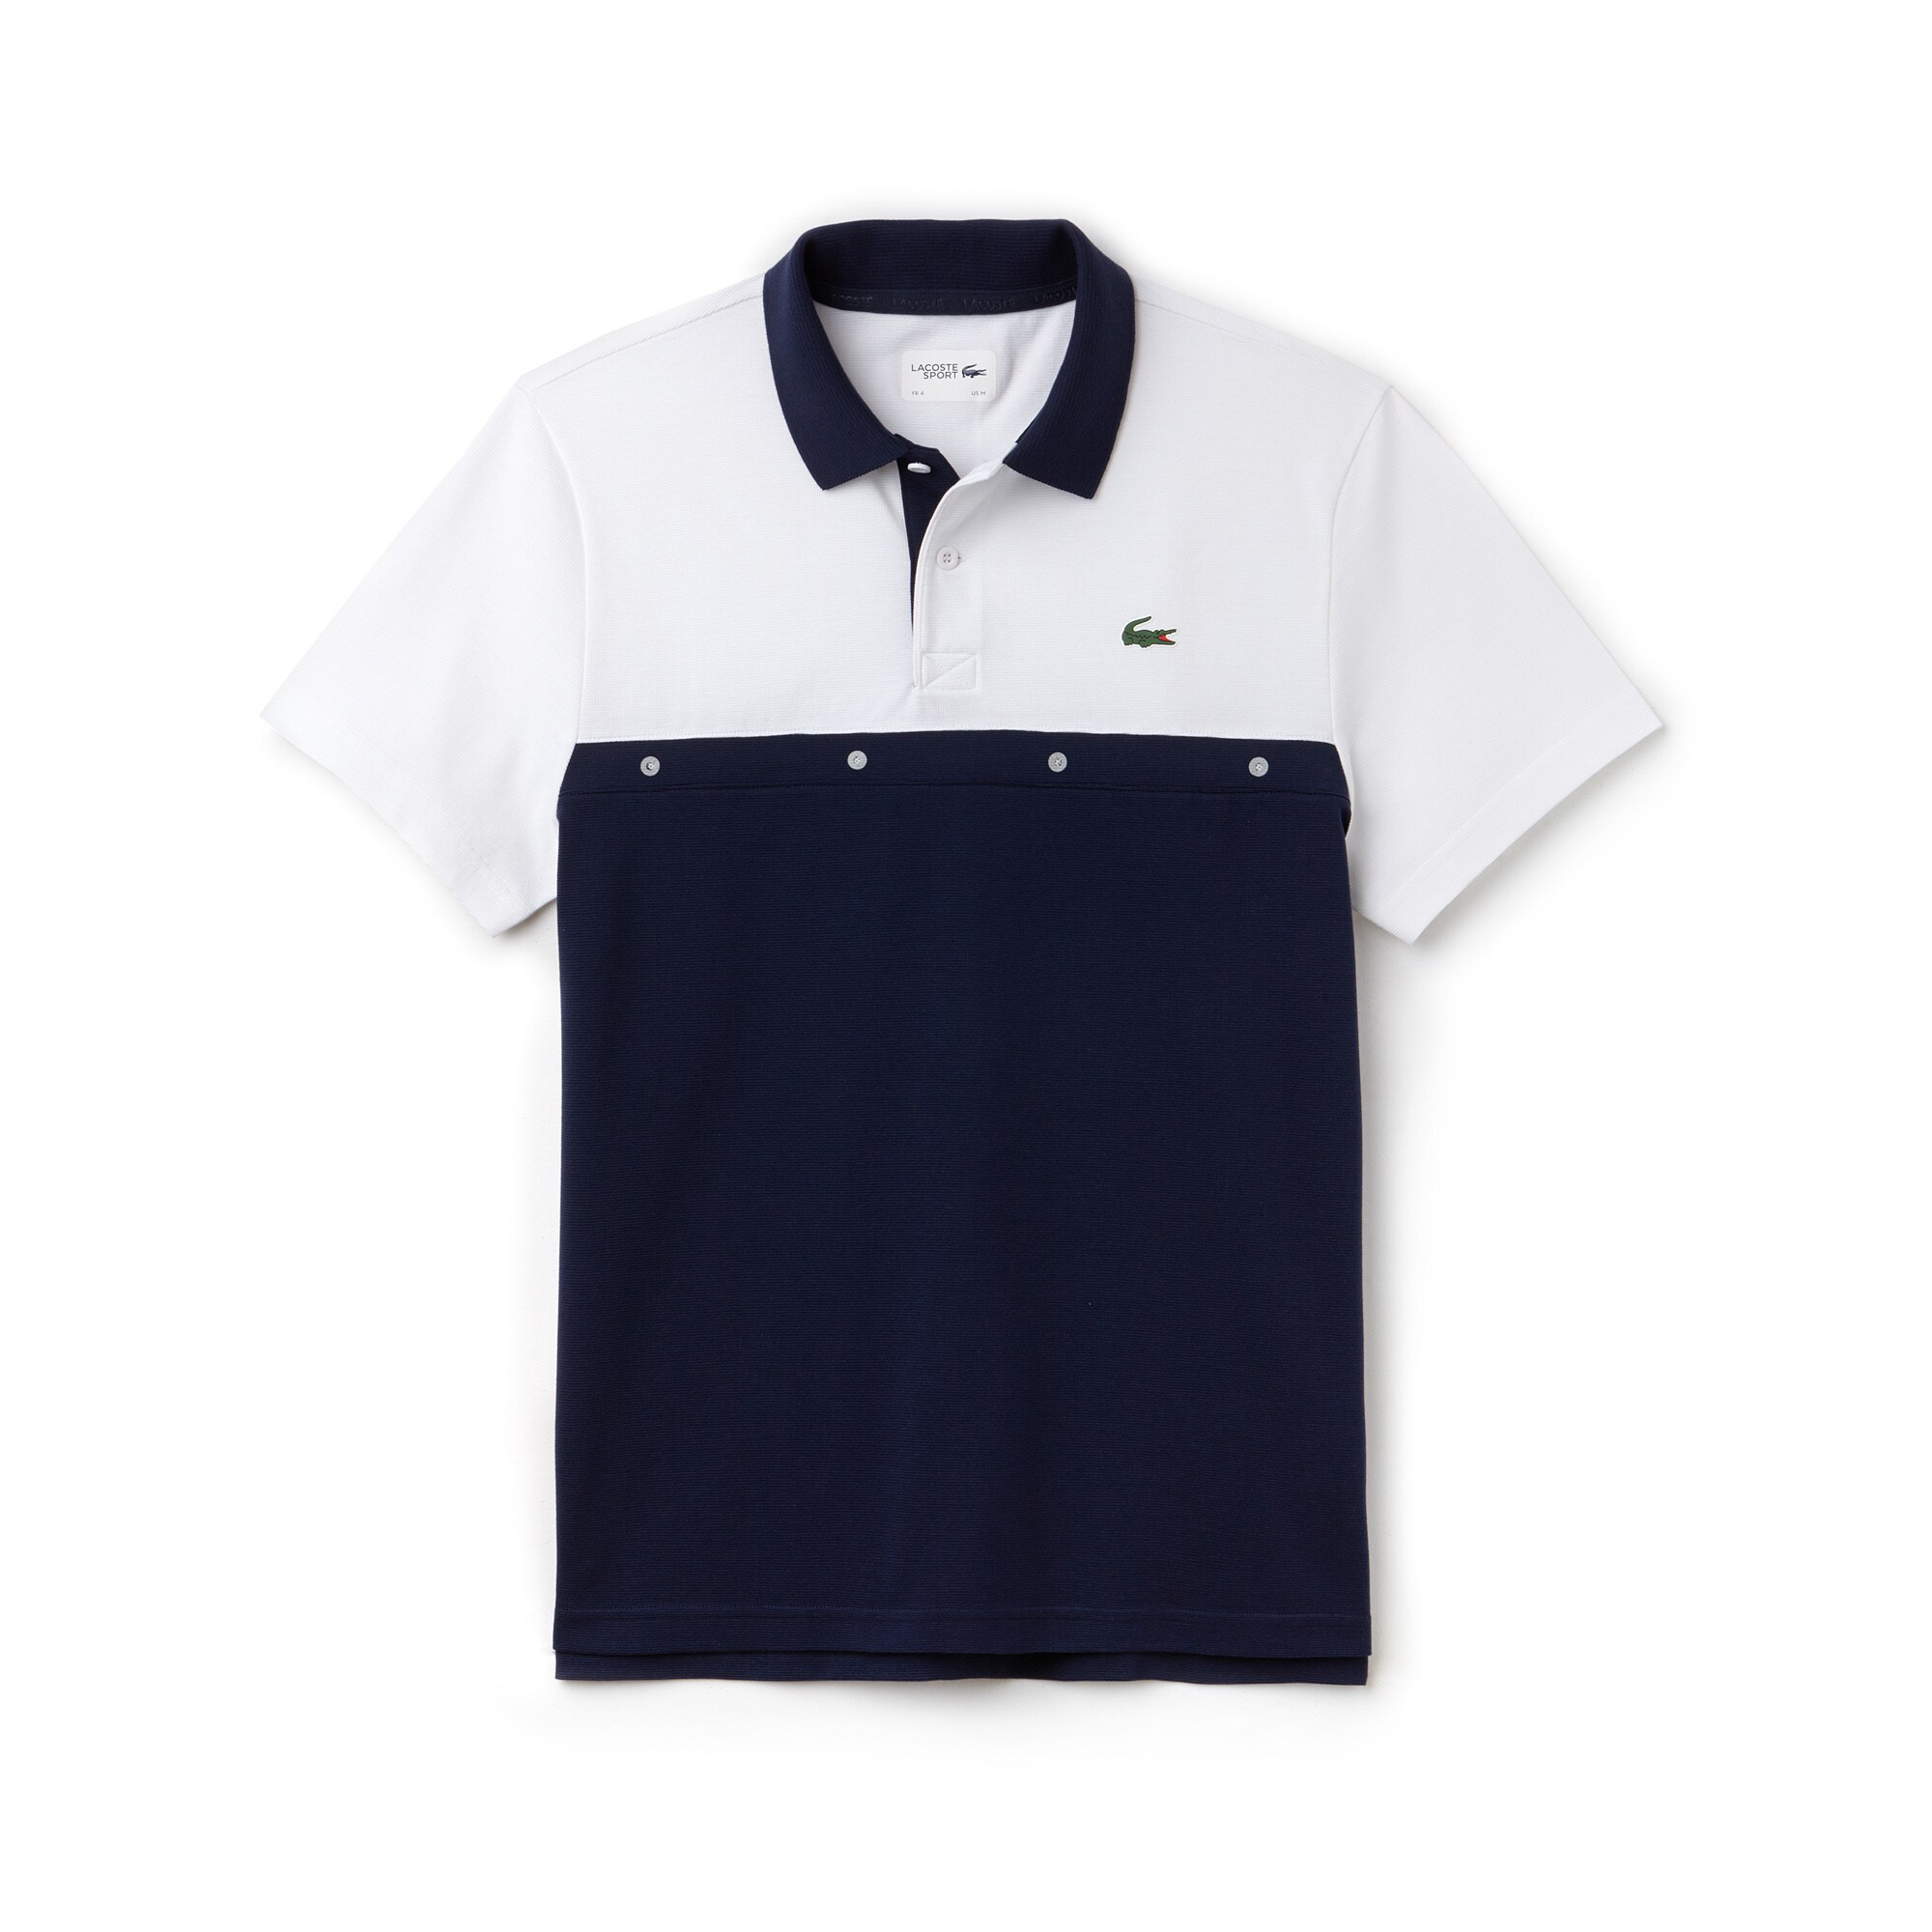 Herren-Polo aus Baumwolle mit Colorblocks LACOSTE SPORT TENNIS